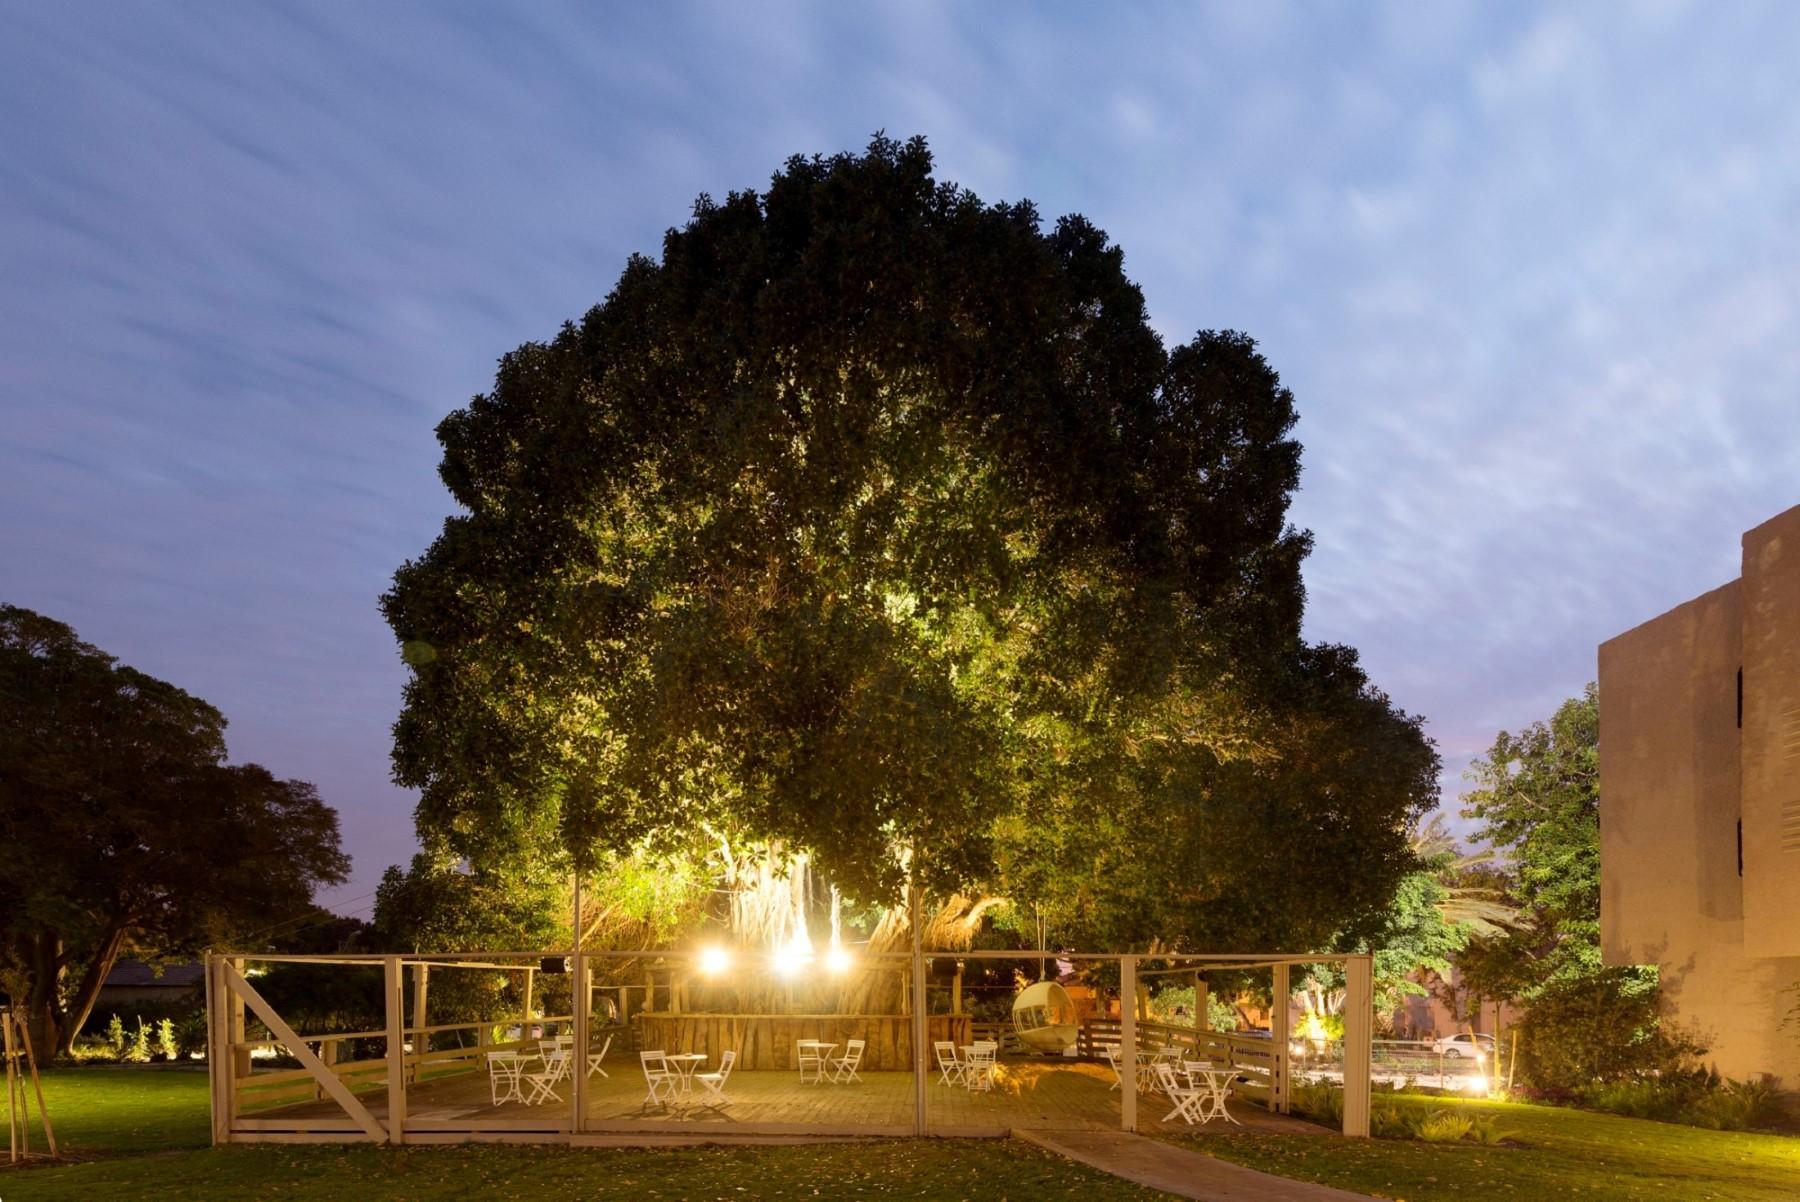 רחבת הדק סביב העץ הגדול בין המבנים השונים בניאה (צילום: גדעון לוין) (צילום: גדעון לוין)